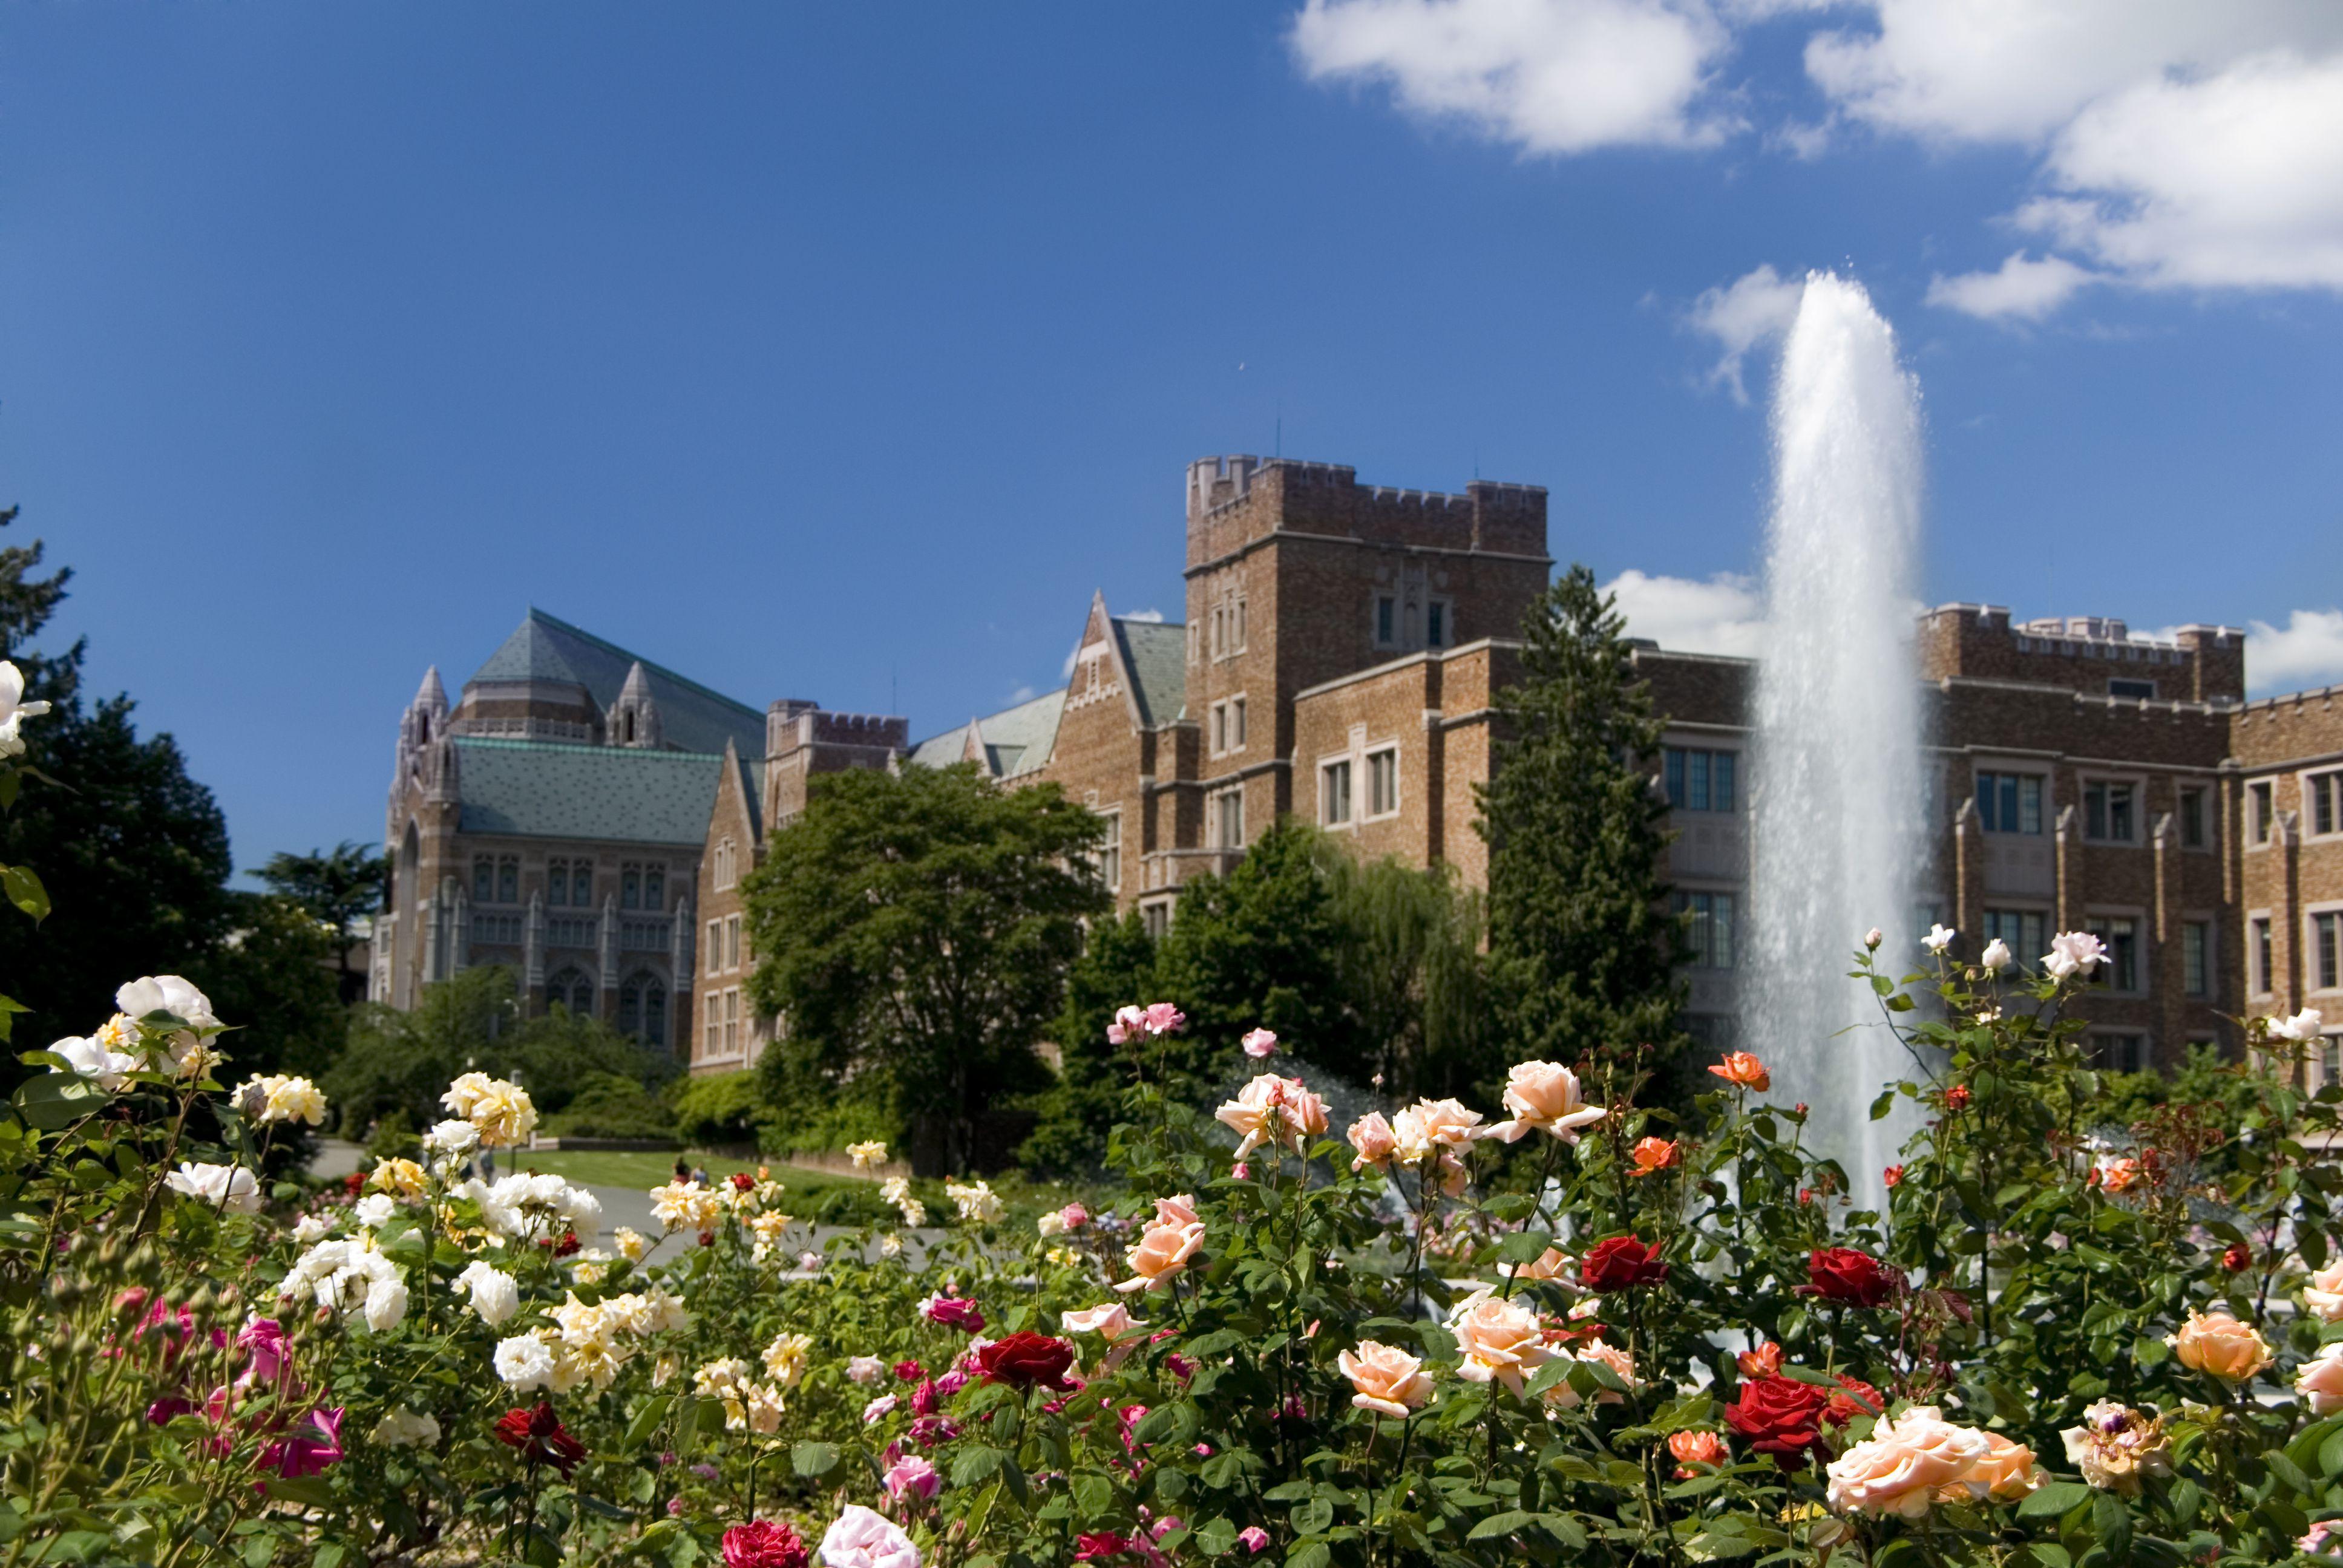 University fountain